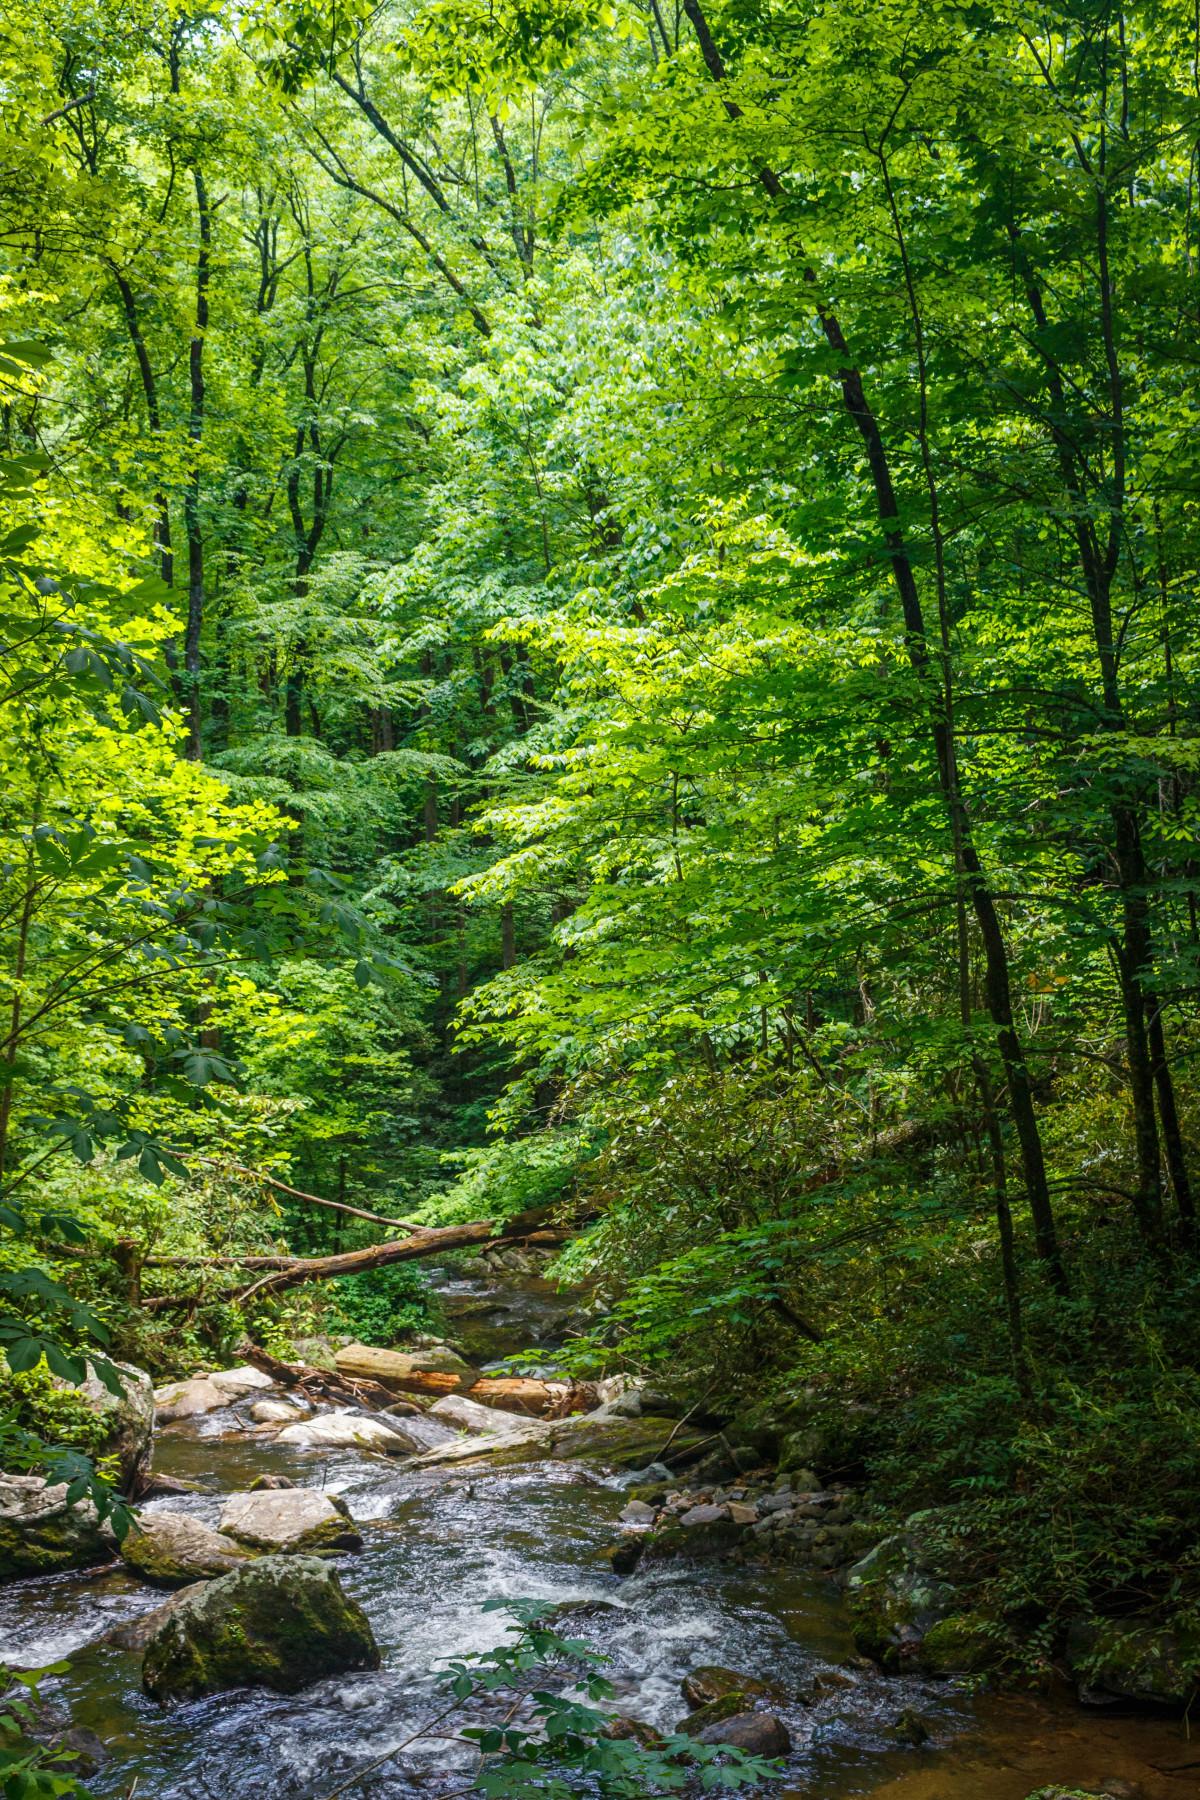 รูปภาพ : ต้นไม้, ความเป็นป่า, แม่น้ำ, กระแส, สีเขียว, ฤดูใบไม้ร่วง, พืชพันธุ์, ป่าฝน, ผลัดใบ ...